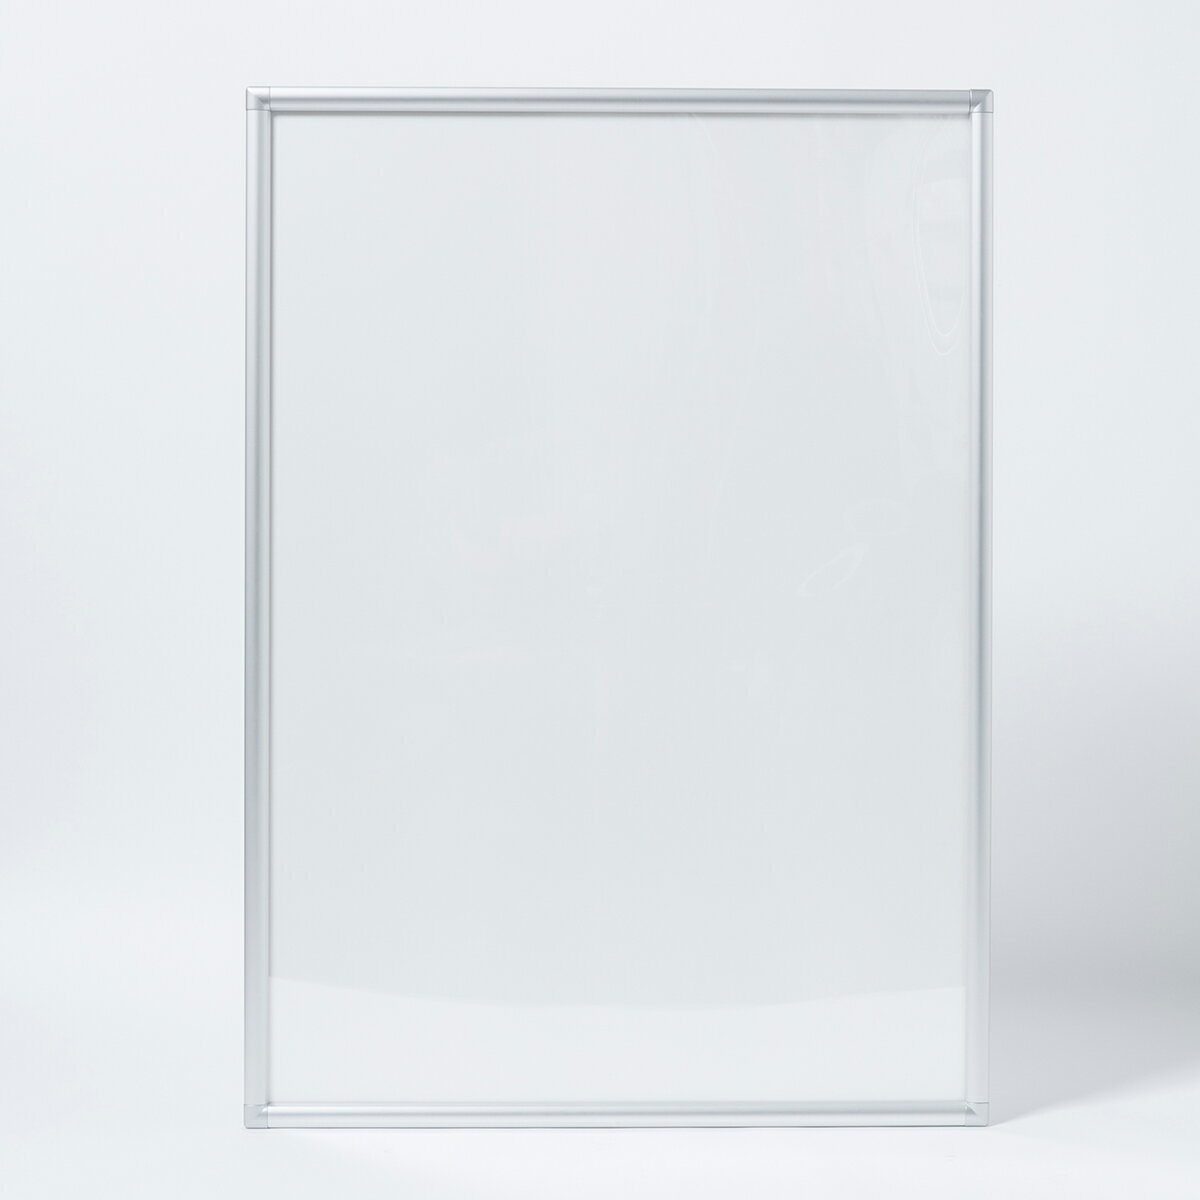 【楽天最安値に挑戦中!】ポスターパネル 4辺開閉式 B2サイズ フレーム色シルバー